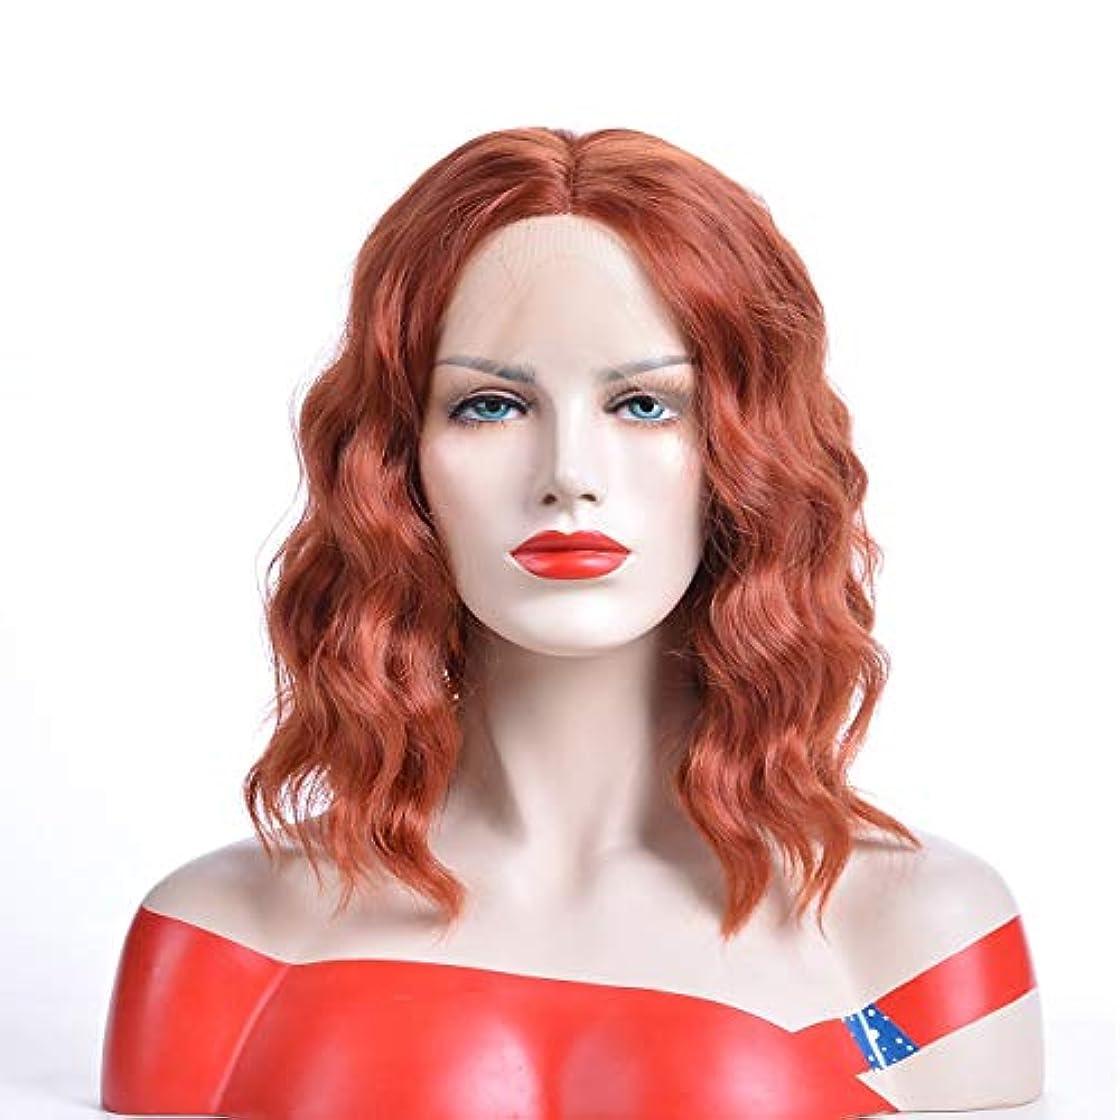 どこにも上陸入浴YOUQIU 21「」ショート波状カーリーブロンドレッド女性の女の子の魅力的な合成かつらコスプレハロウィンウィッグ耐熱ボブ?パーティーウィッグウィッグ (色 : Blonde Red, サイズ : 21